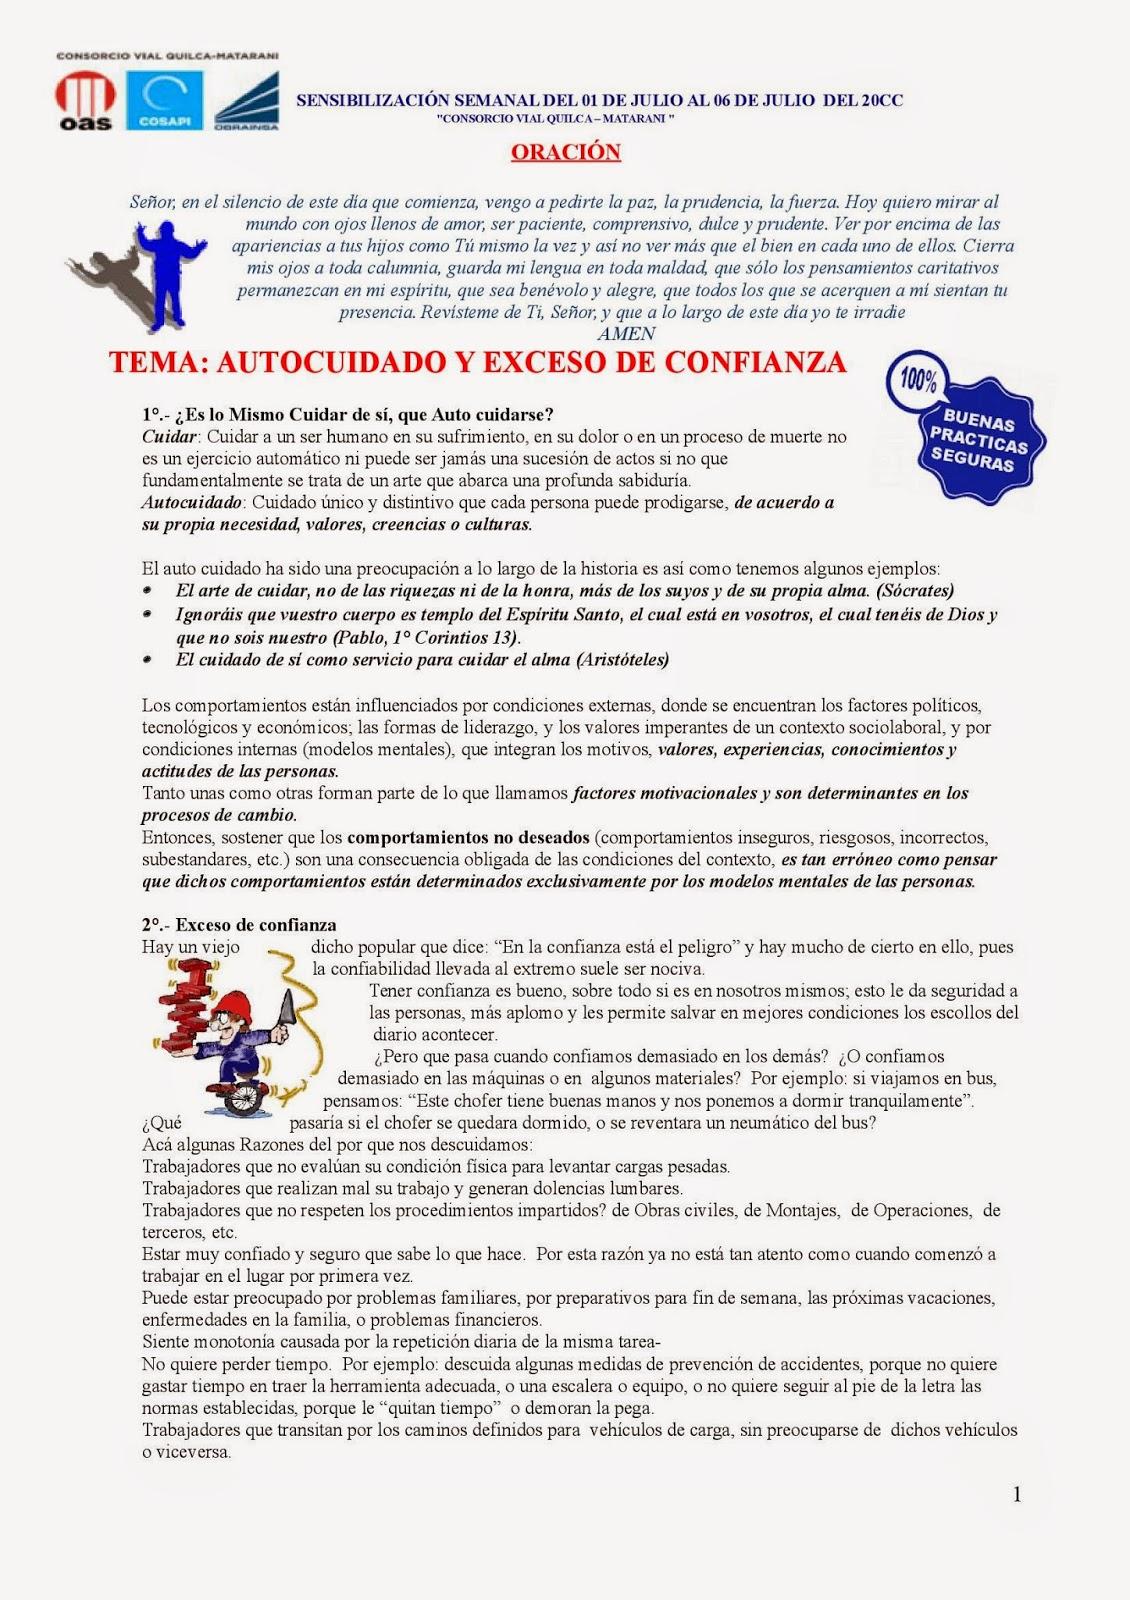 Charlas De Sensibilizacion Seguridad Salud Ocupacional Y